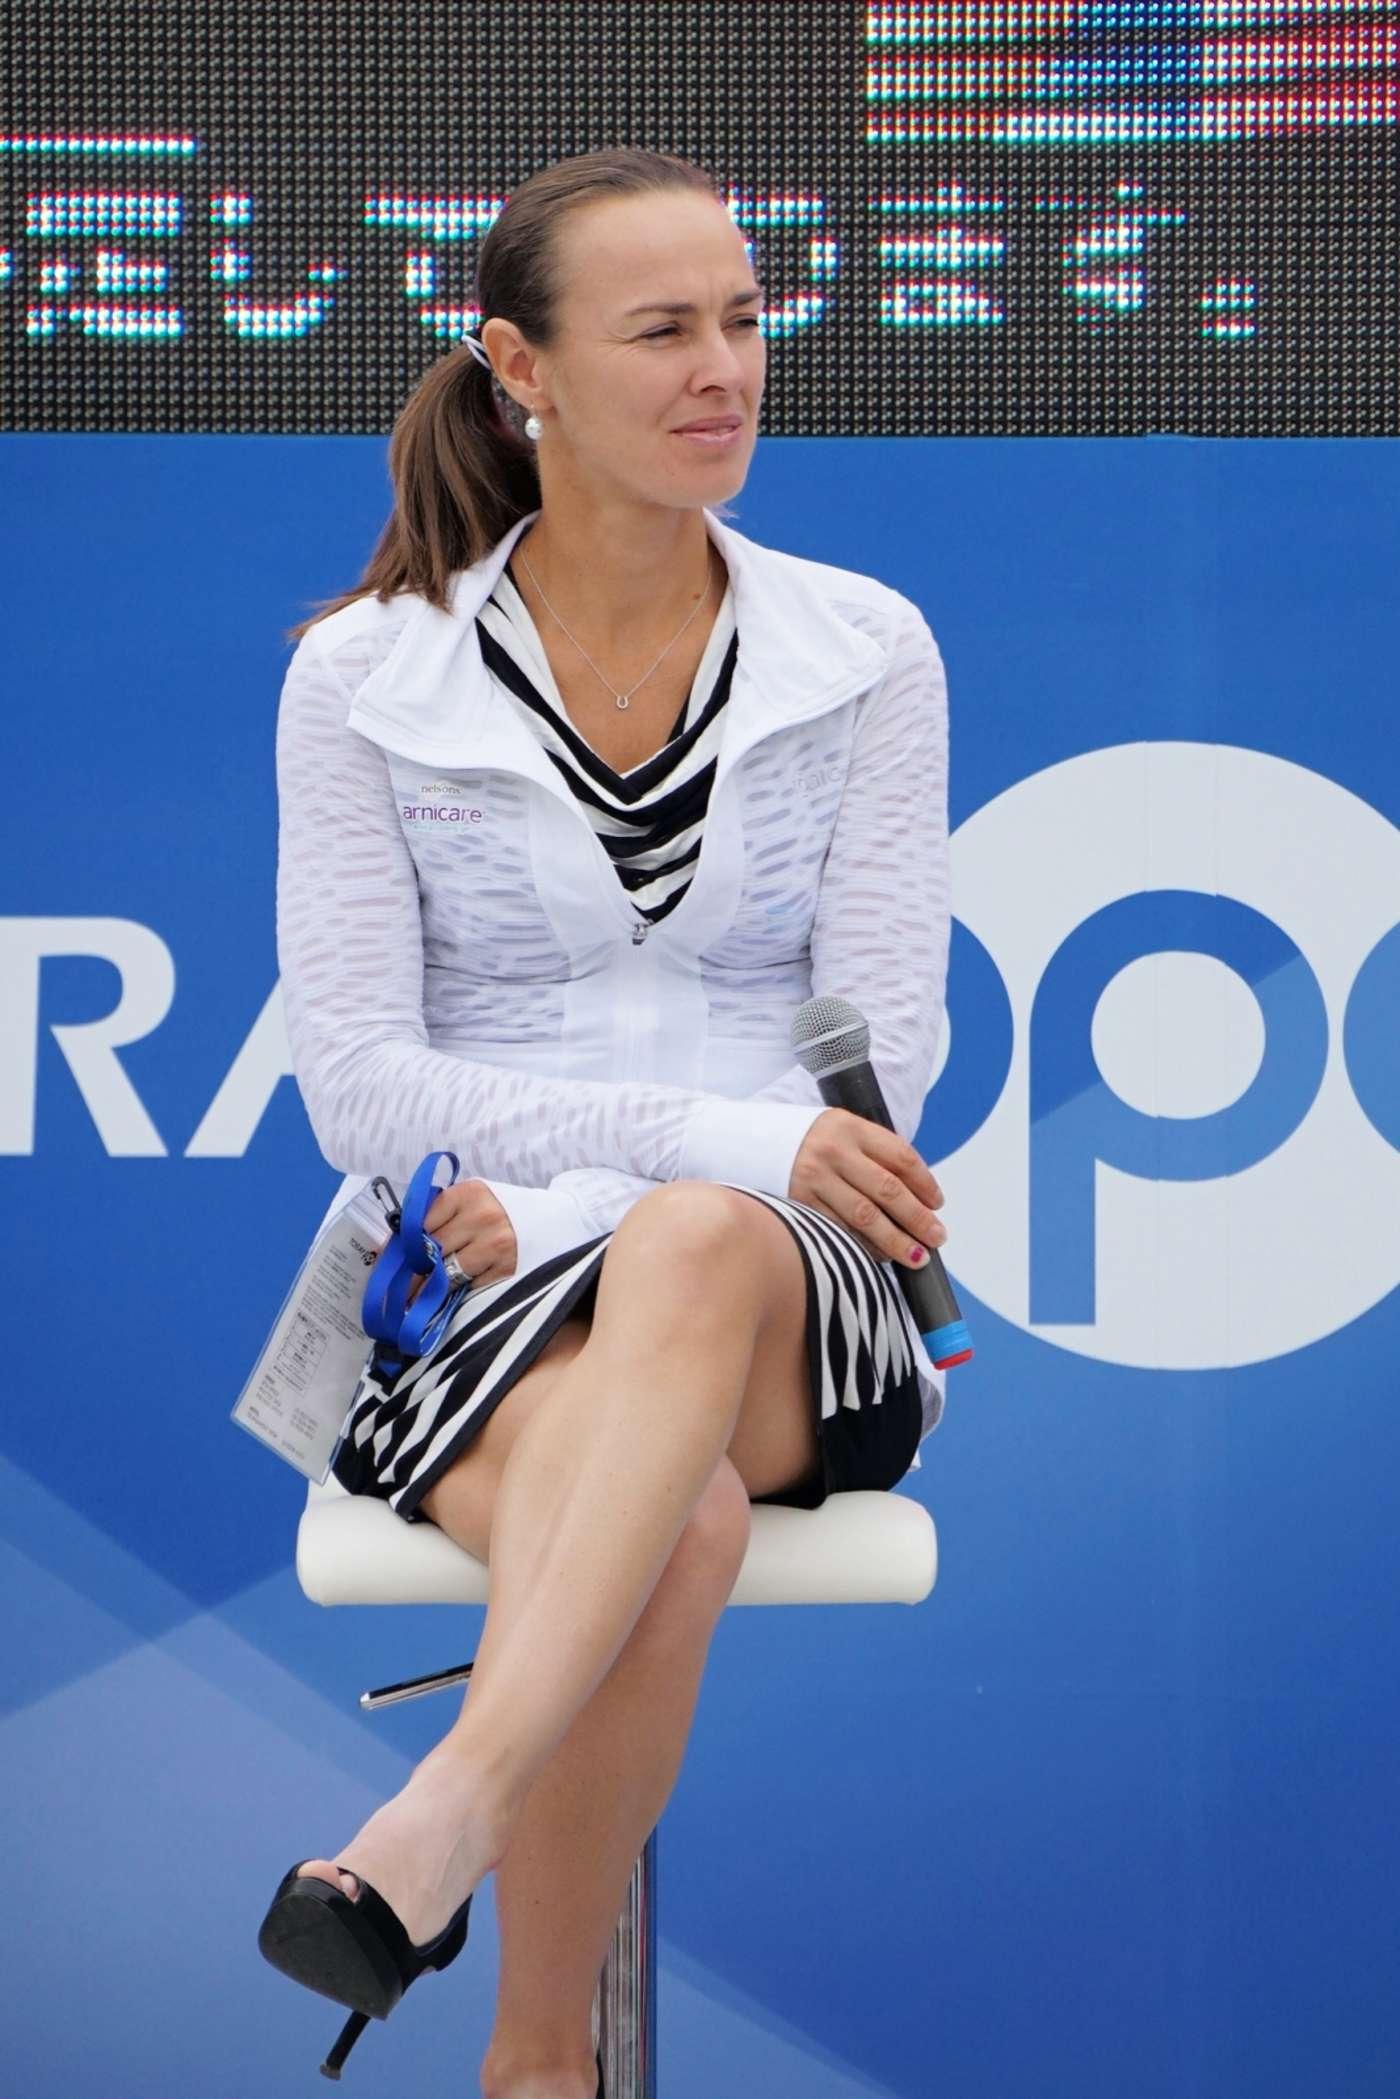 Tennis player hingis martina